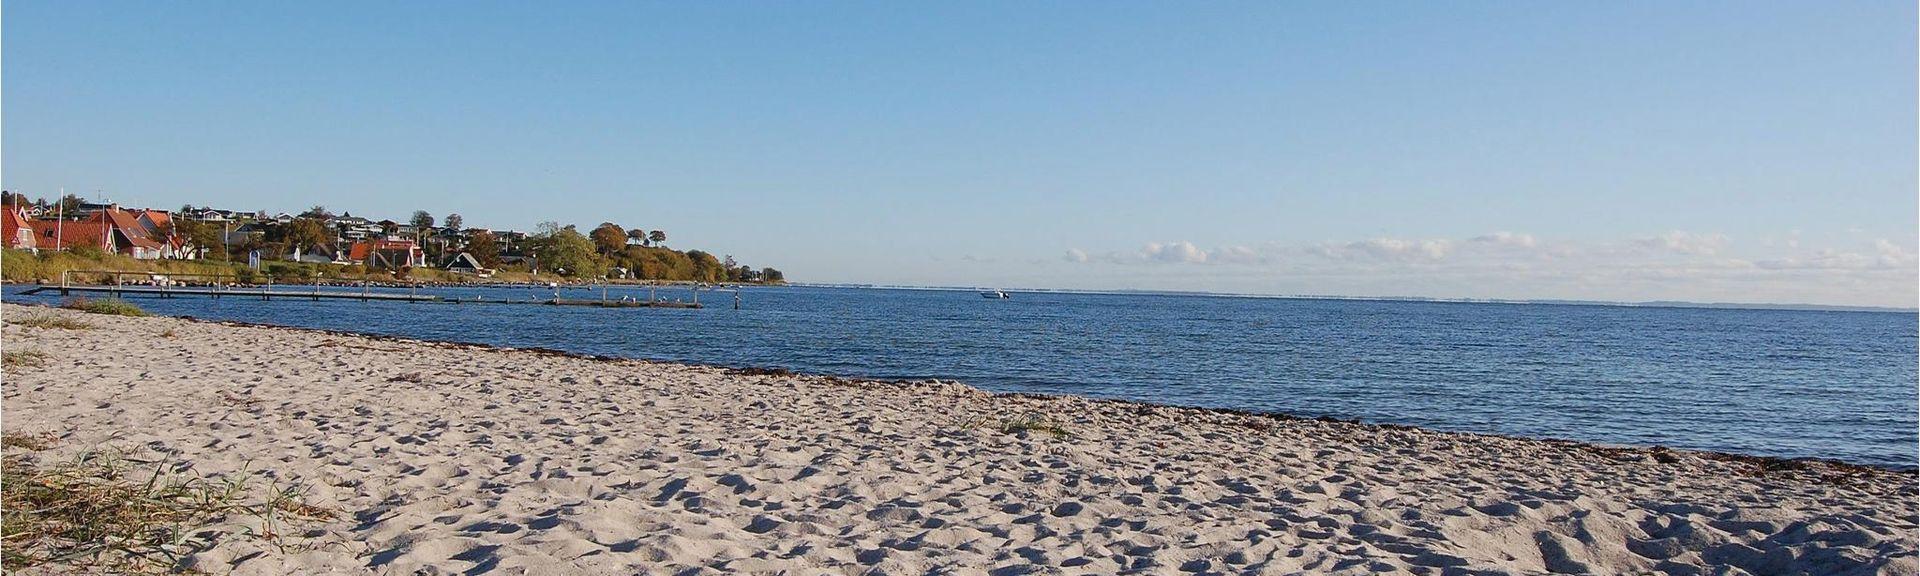 Hejlsminde Strand, Hejls, Denmark